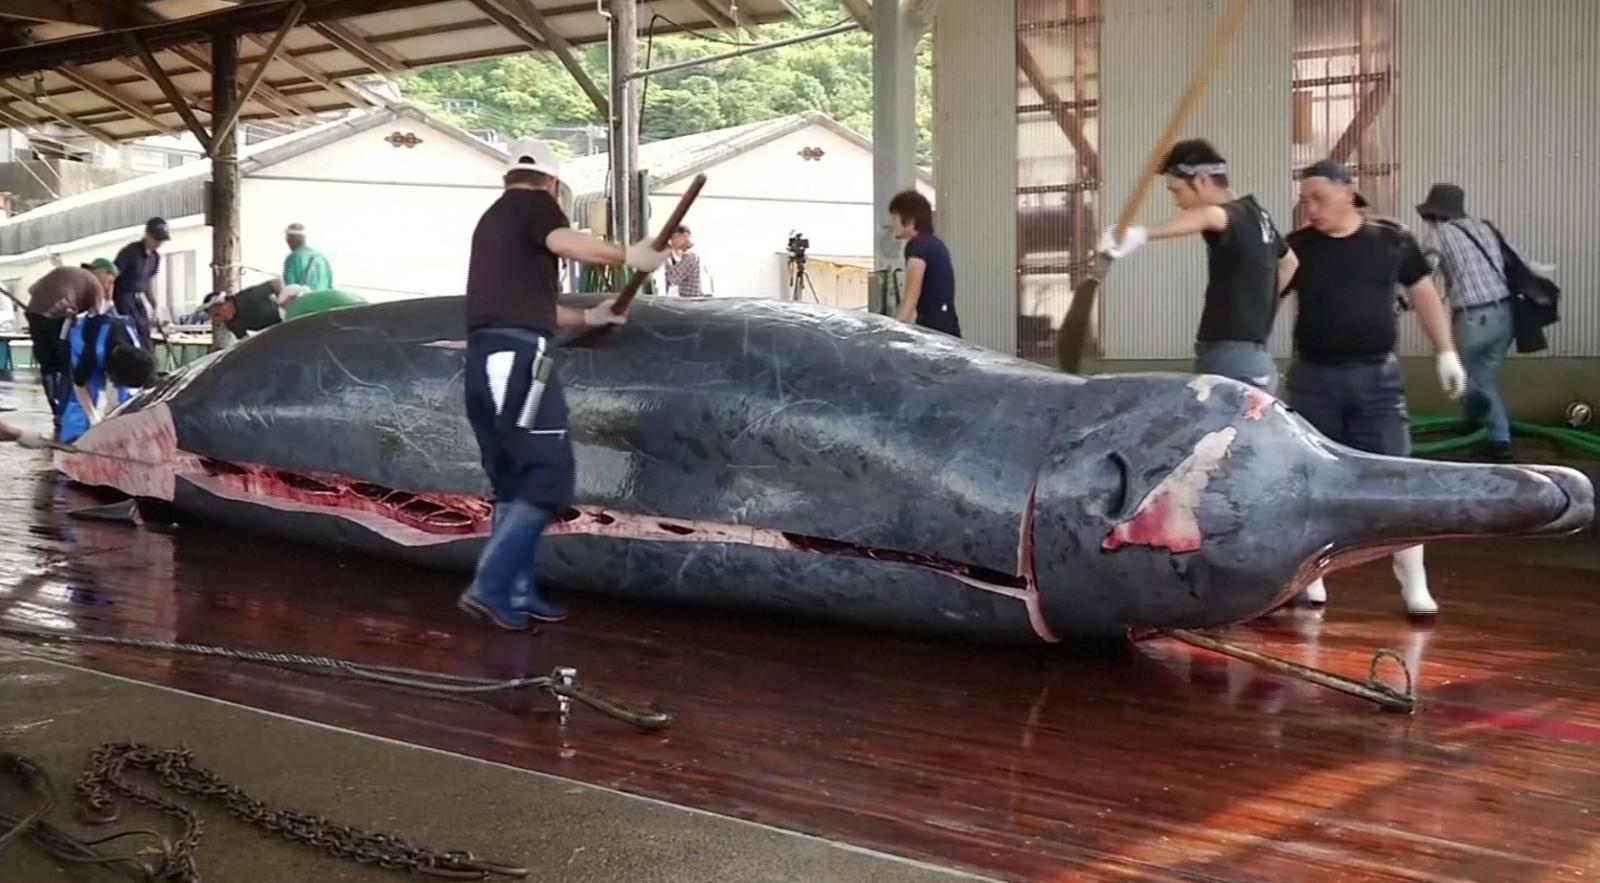 ญี่ปุ่นจัดเทศกาลอาหารจากเนื้อวาฬ